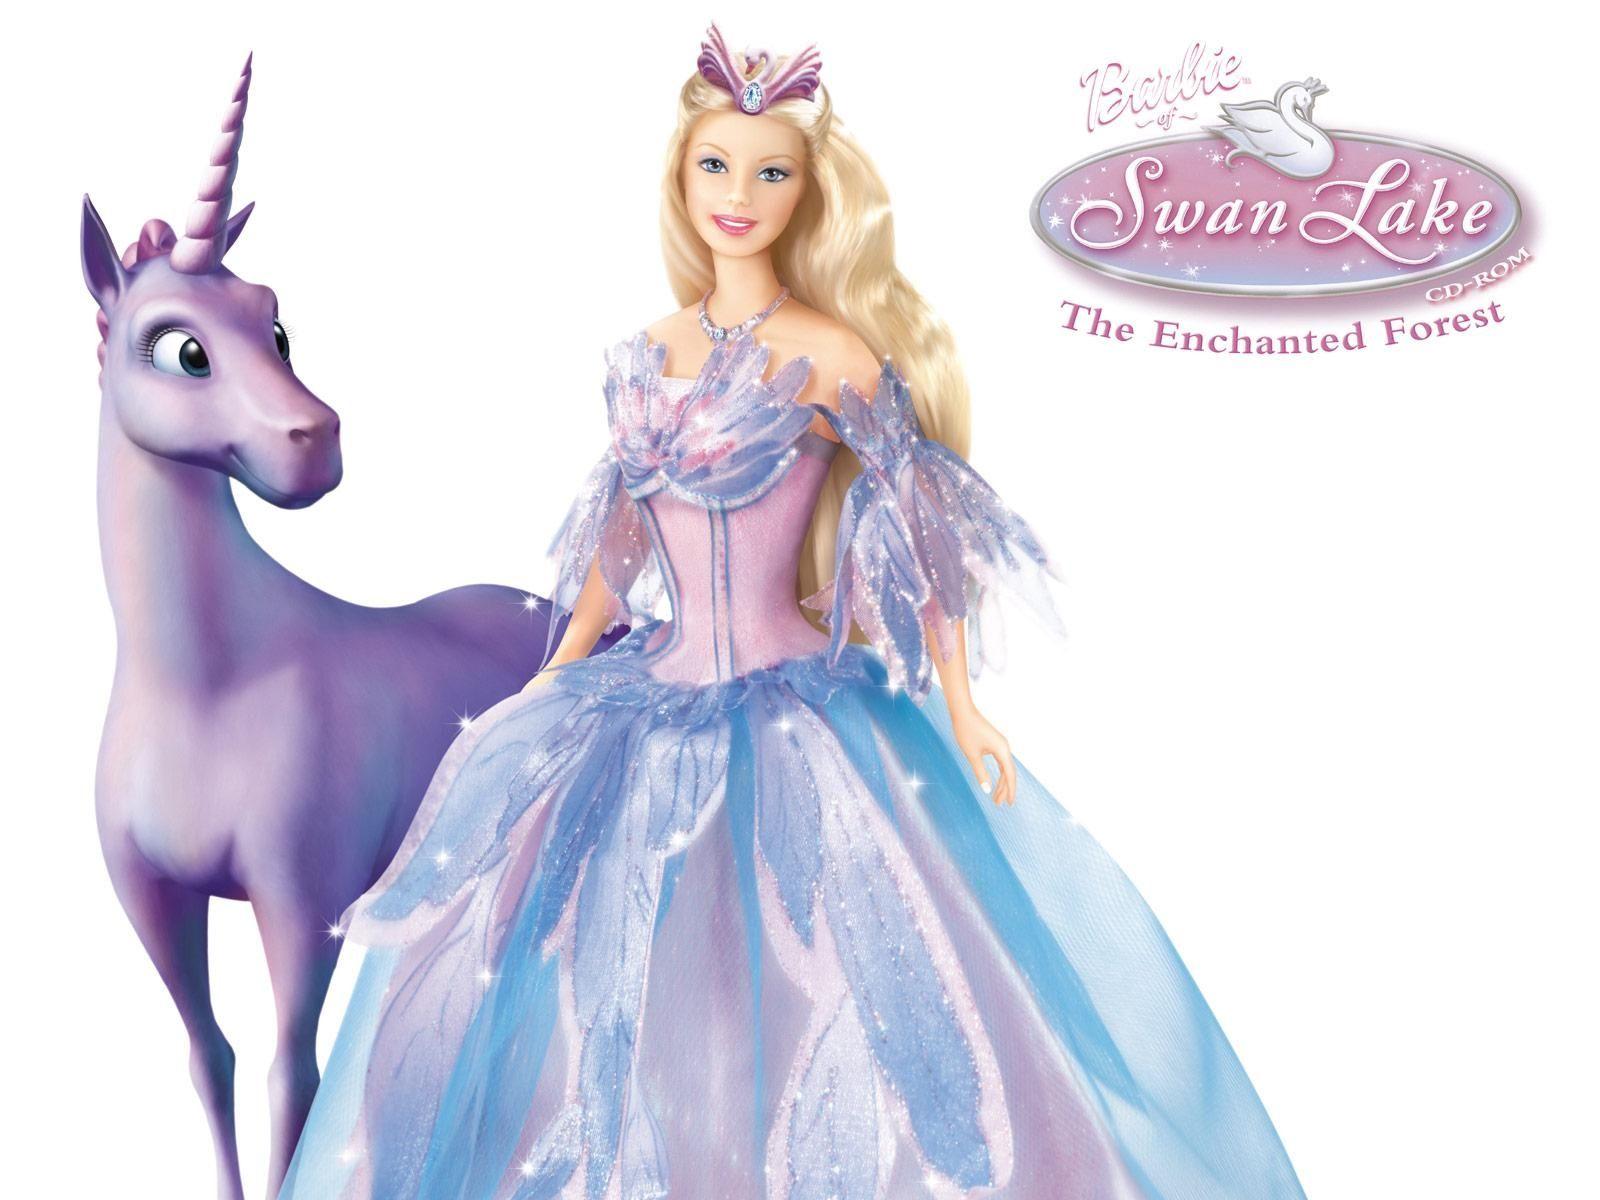 Barbie Cartoon Barbie Cartoons Wallpapers And Photos Barbie